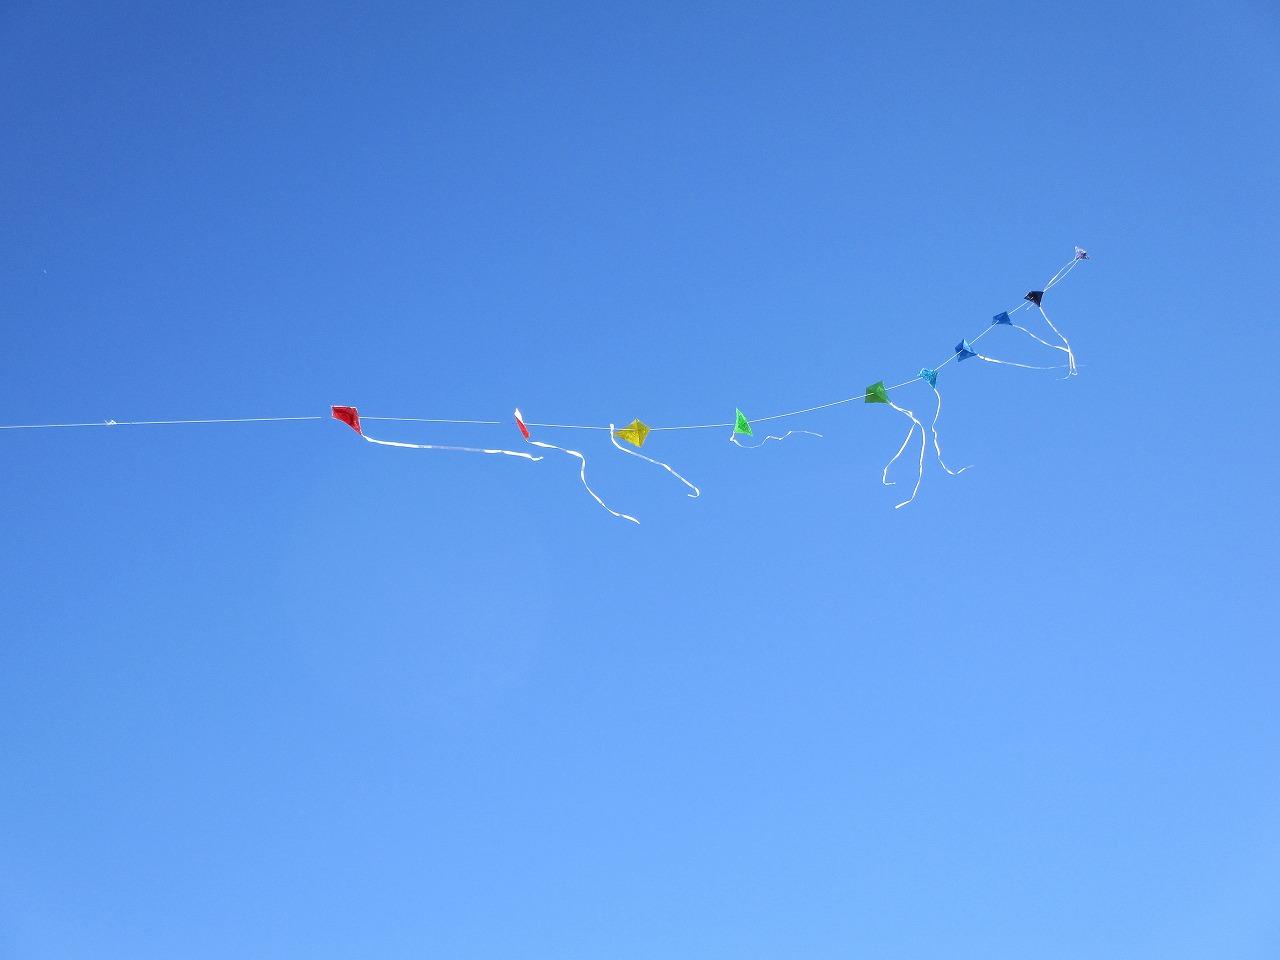 連凧が大空にたなびいています